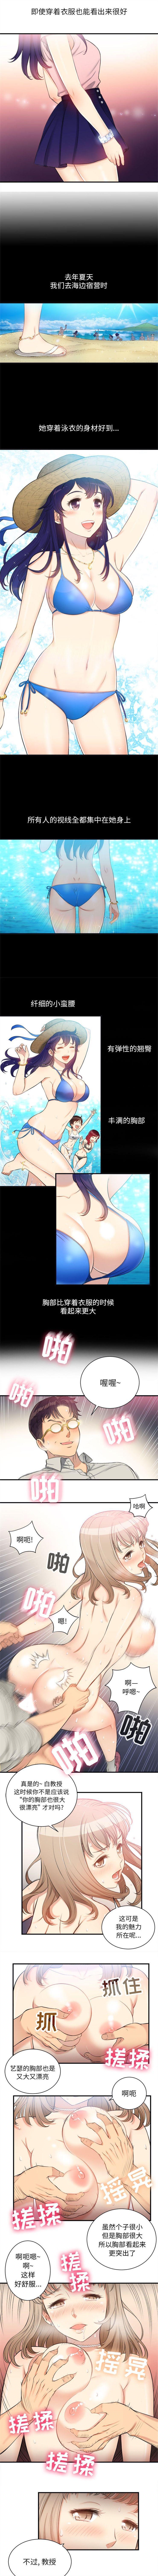 由莉的秘密1-60 中文翻译 (更新中) 71